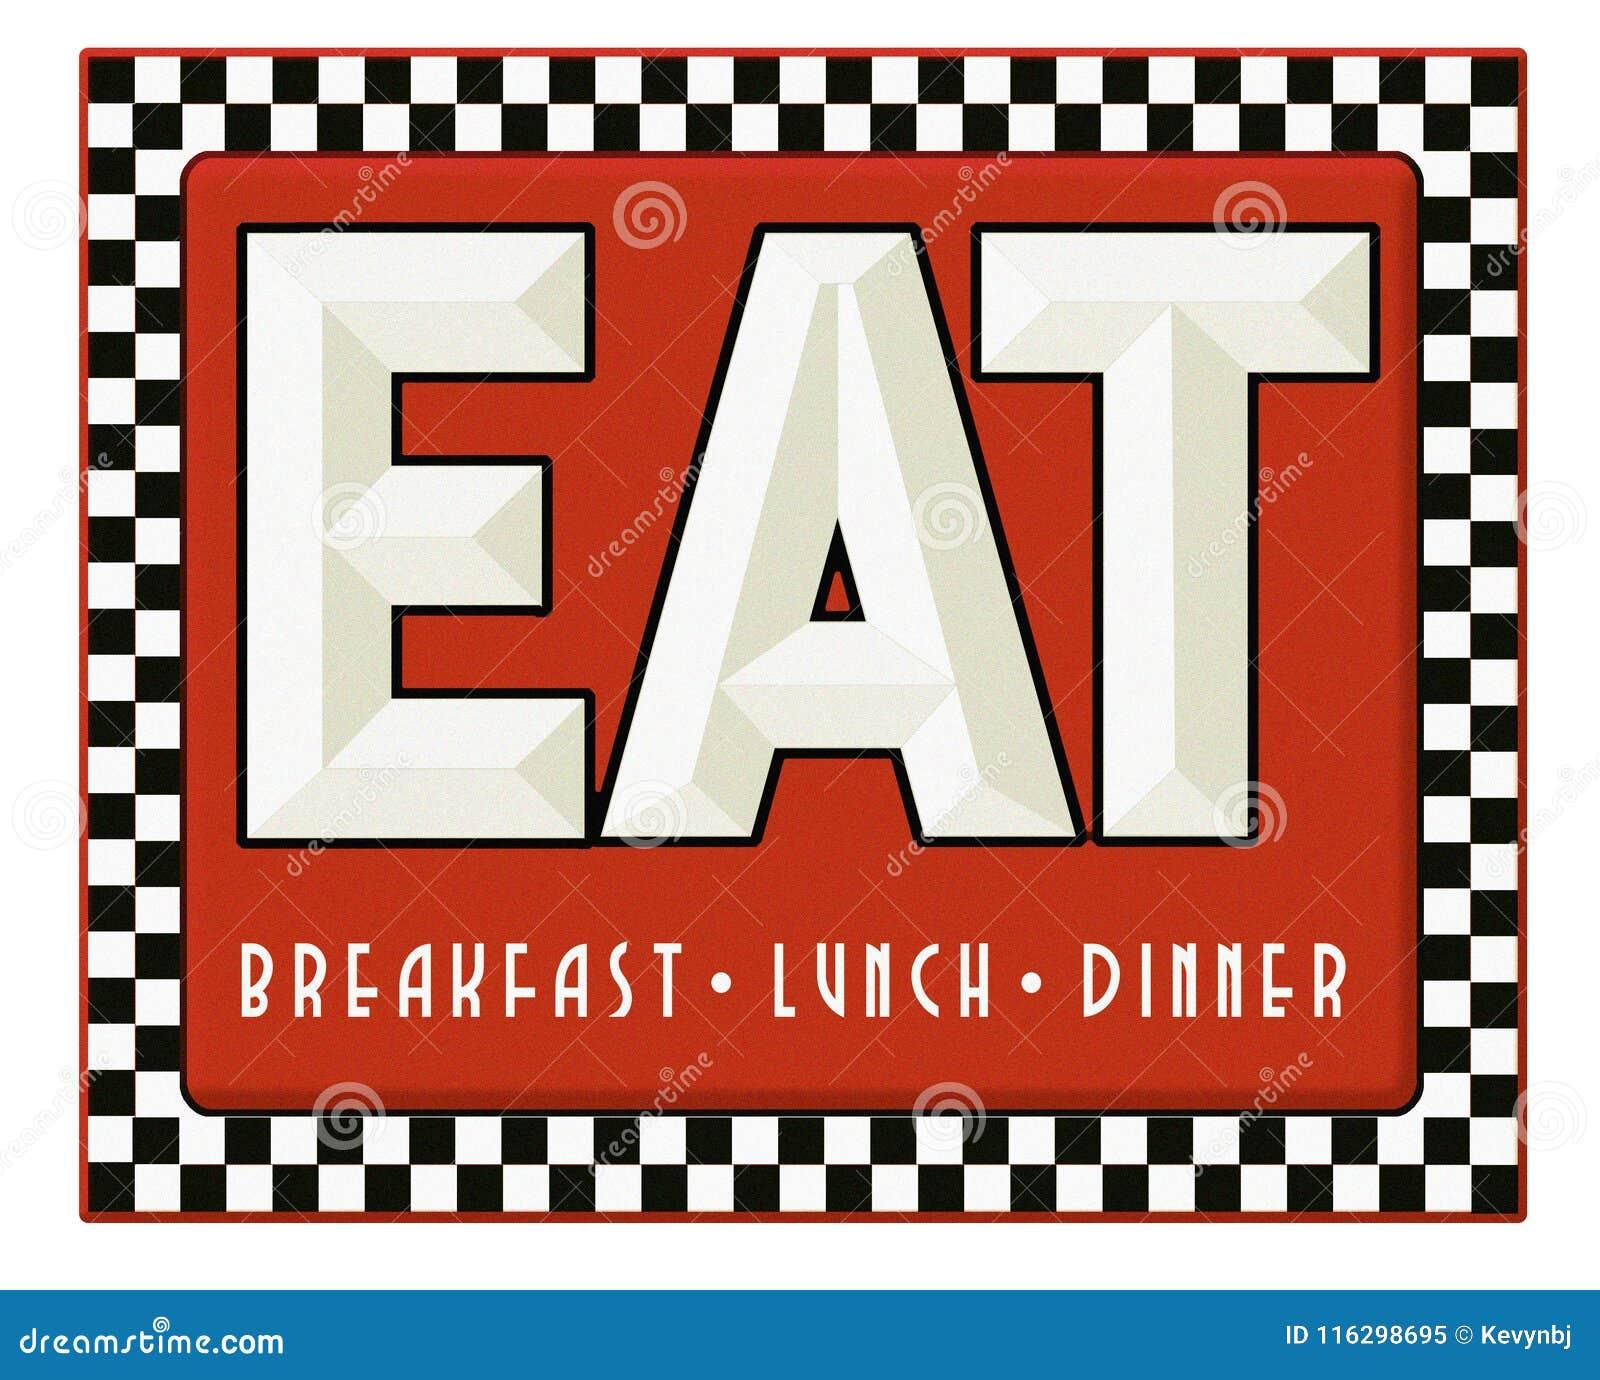 Το σημάδι γευματιζόντων αναδρομικό τρώει το γεύμα μεσημεριανού γεύματος προγευμάτων